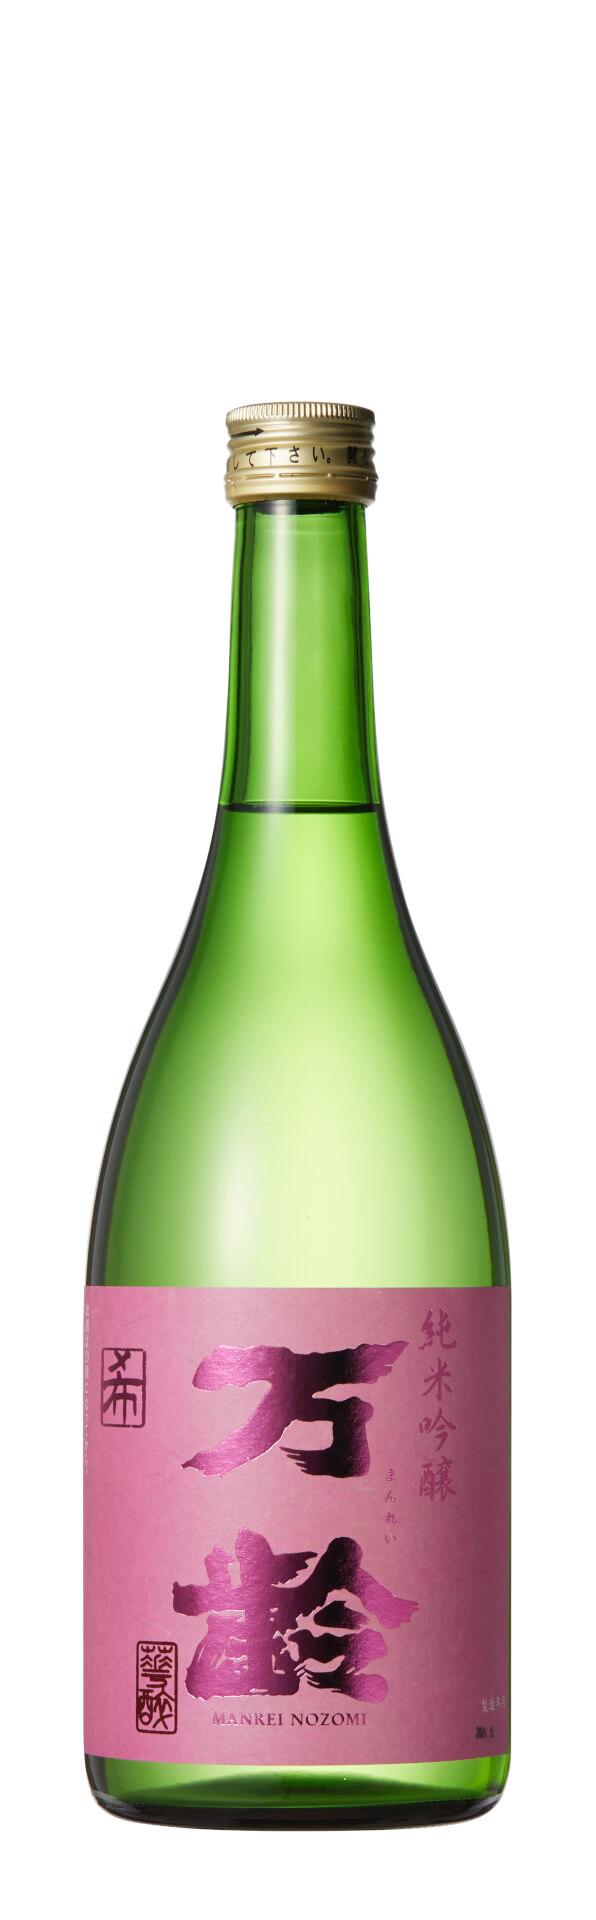 佐賀県×atmosのコラボコレクション『SAGA SAKE COLLECTION』が販売決定!オリジナルグッズや限定ラベルの日本酒なども culture2020917-atoms9